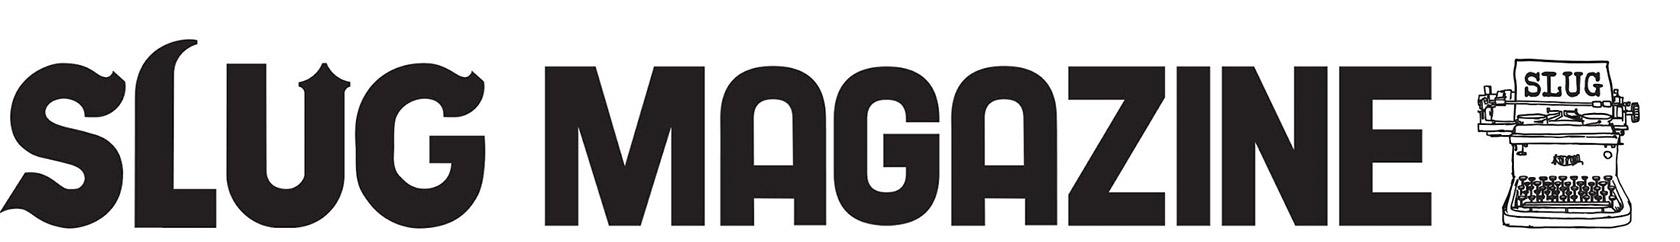 SLUG-Magazine-new-typewriter.jpg